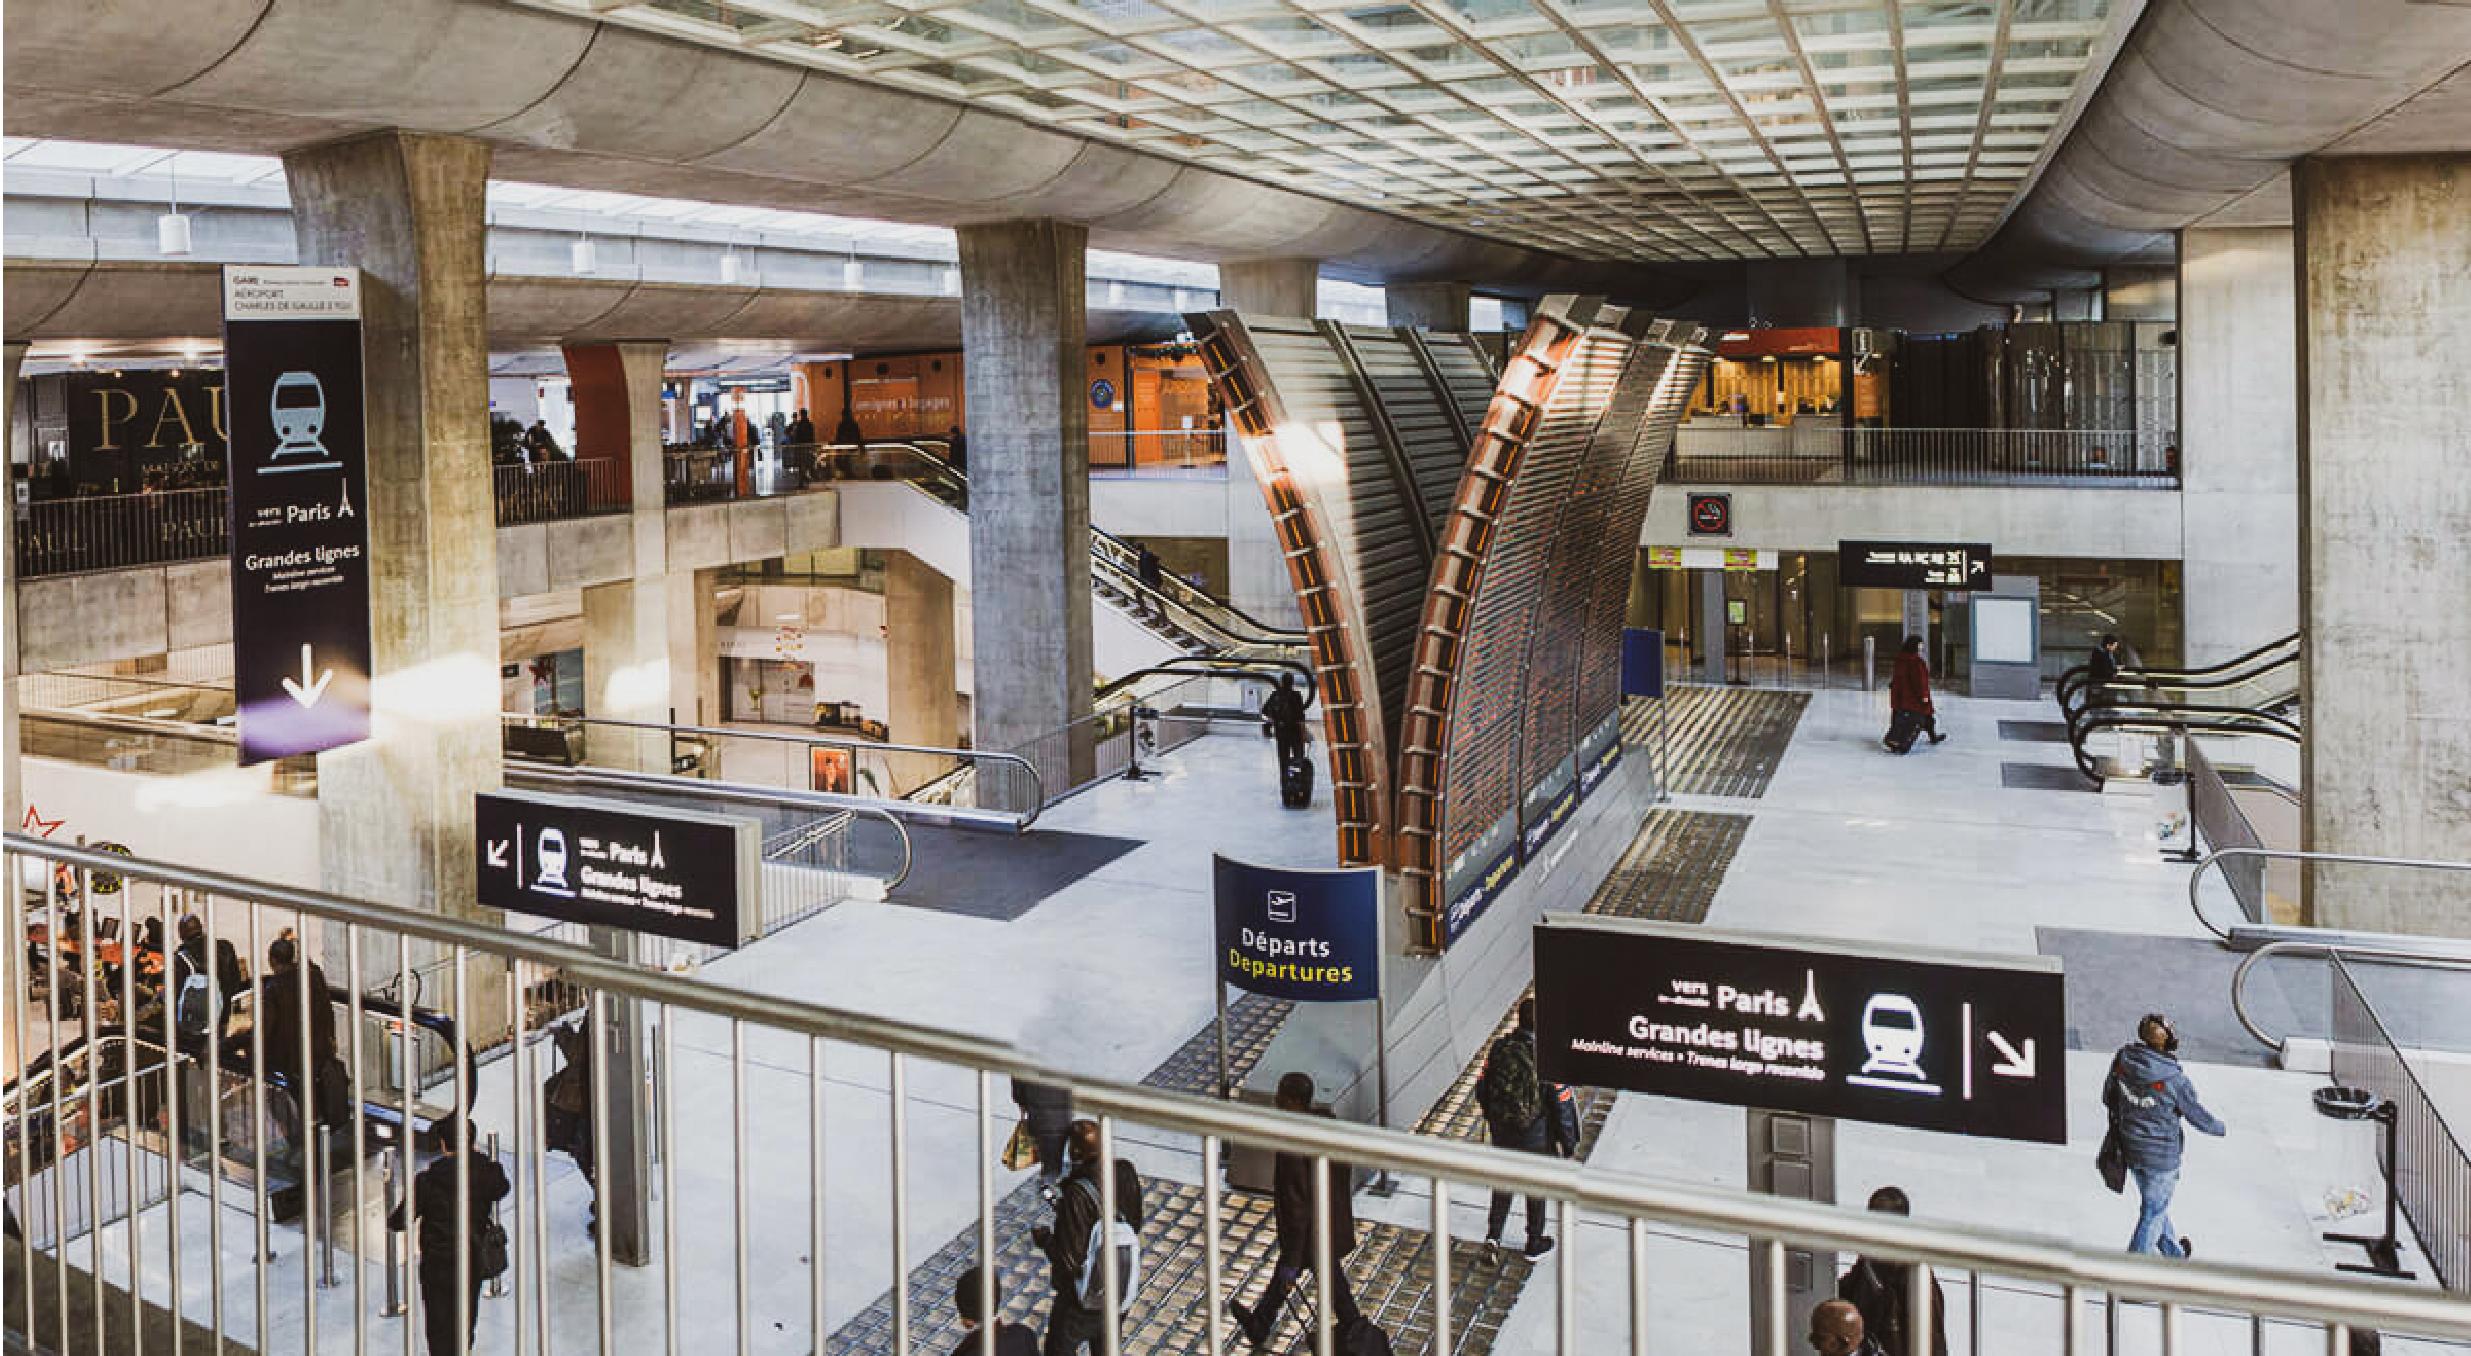 Aéroport de Roissy : enfin l'ouverture du terminal 2B